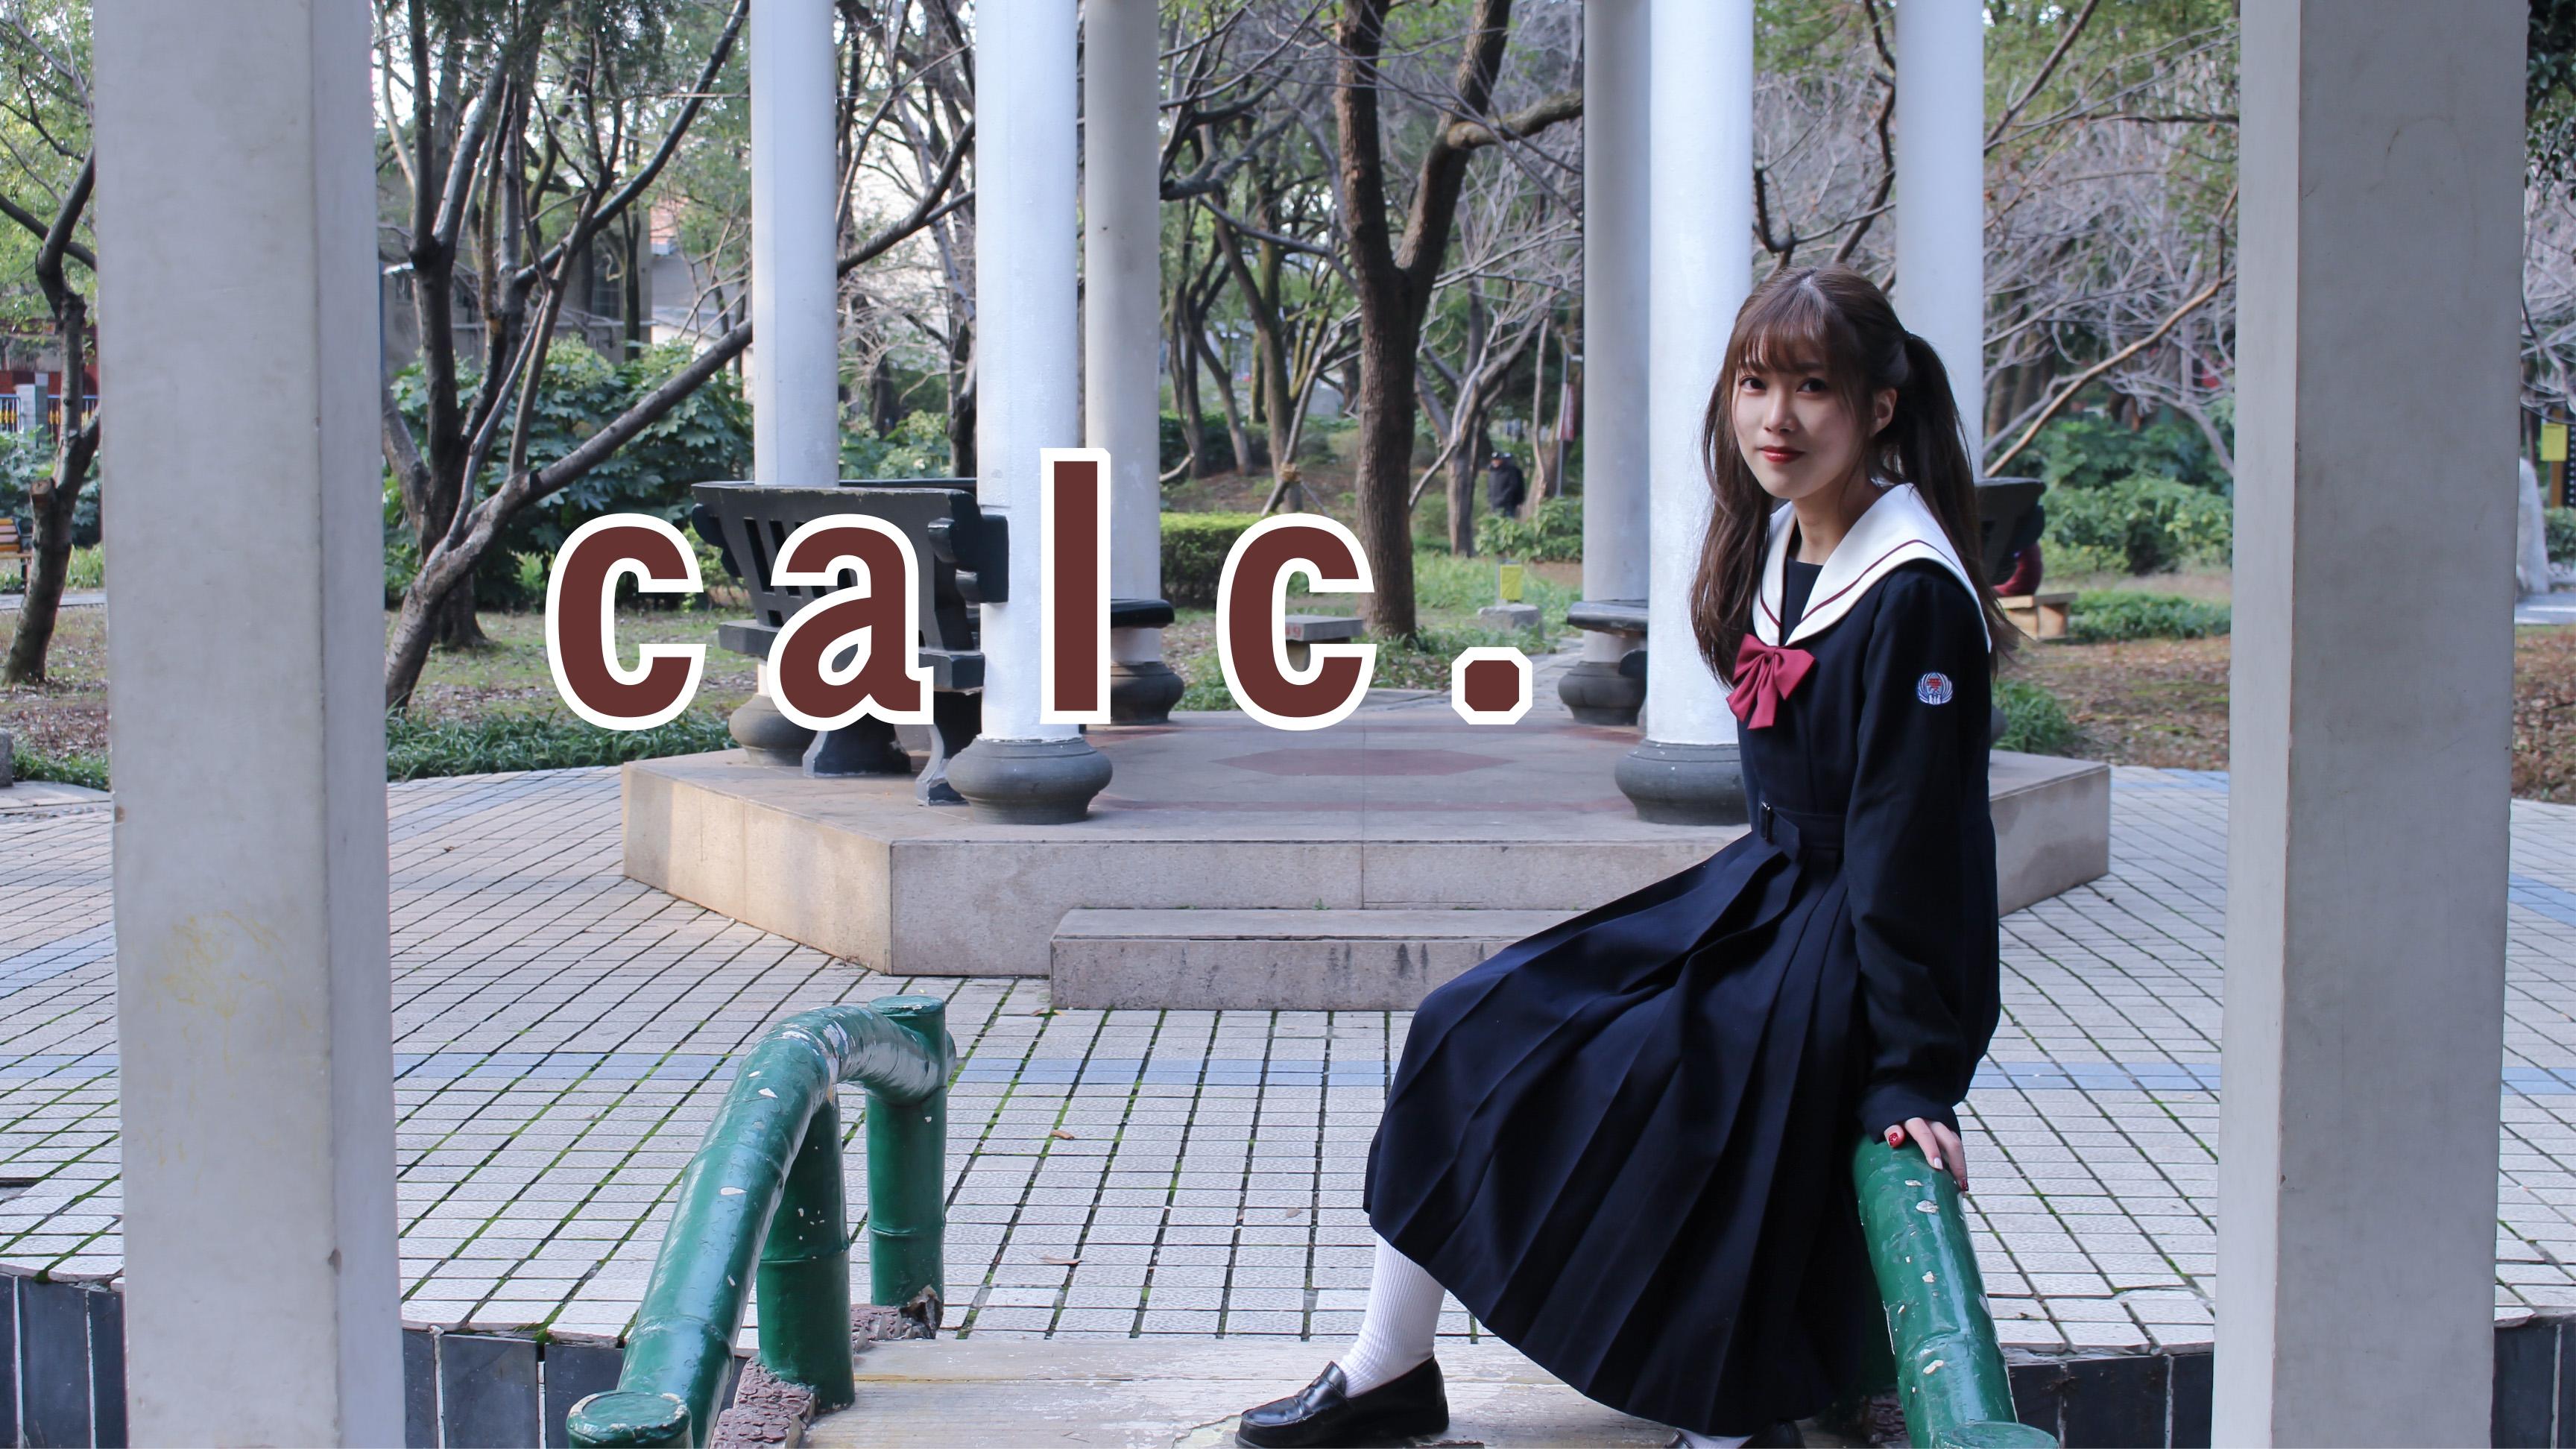 【石榴】calc.(在公园跳宅舞的JK)